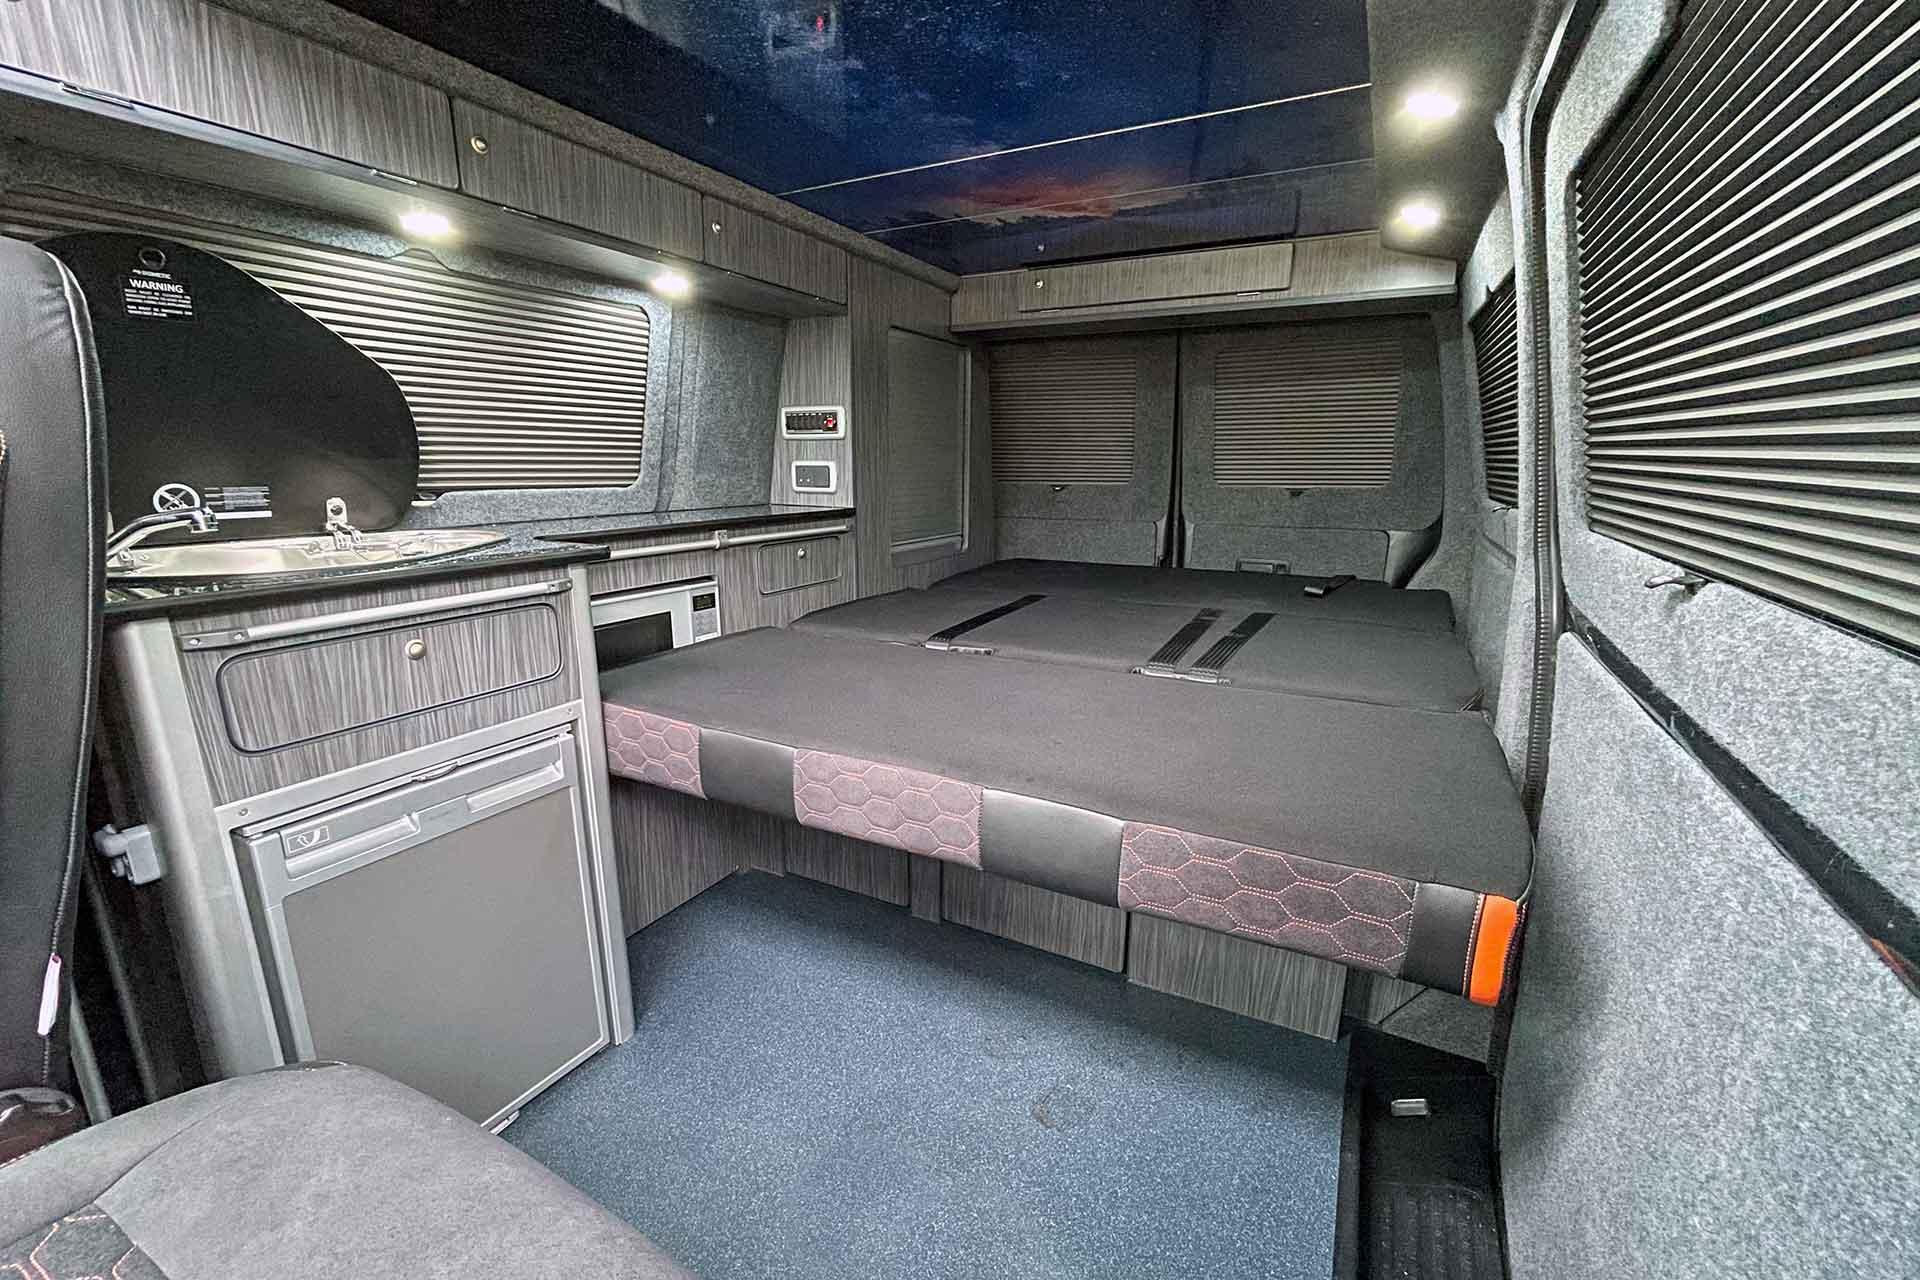 RIB Bed For VW Campervan